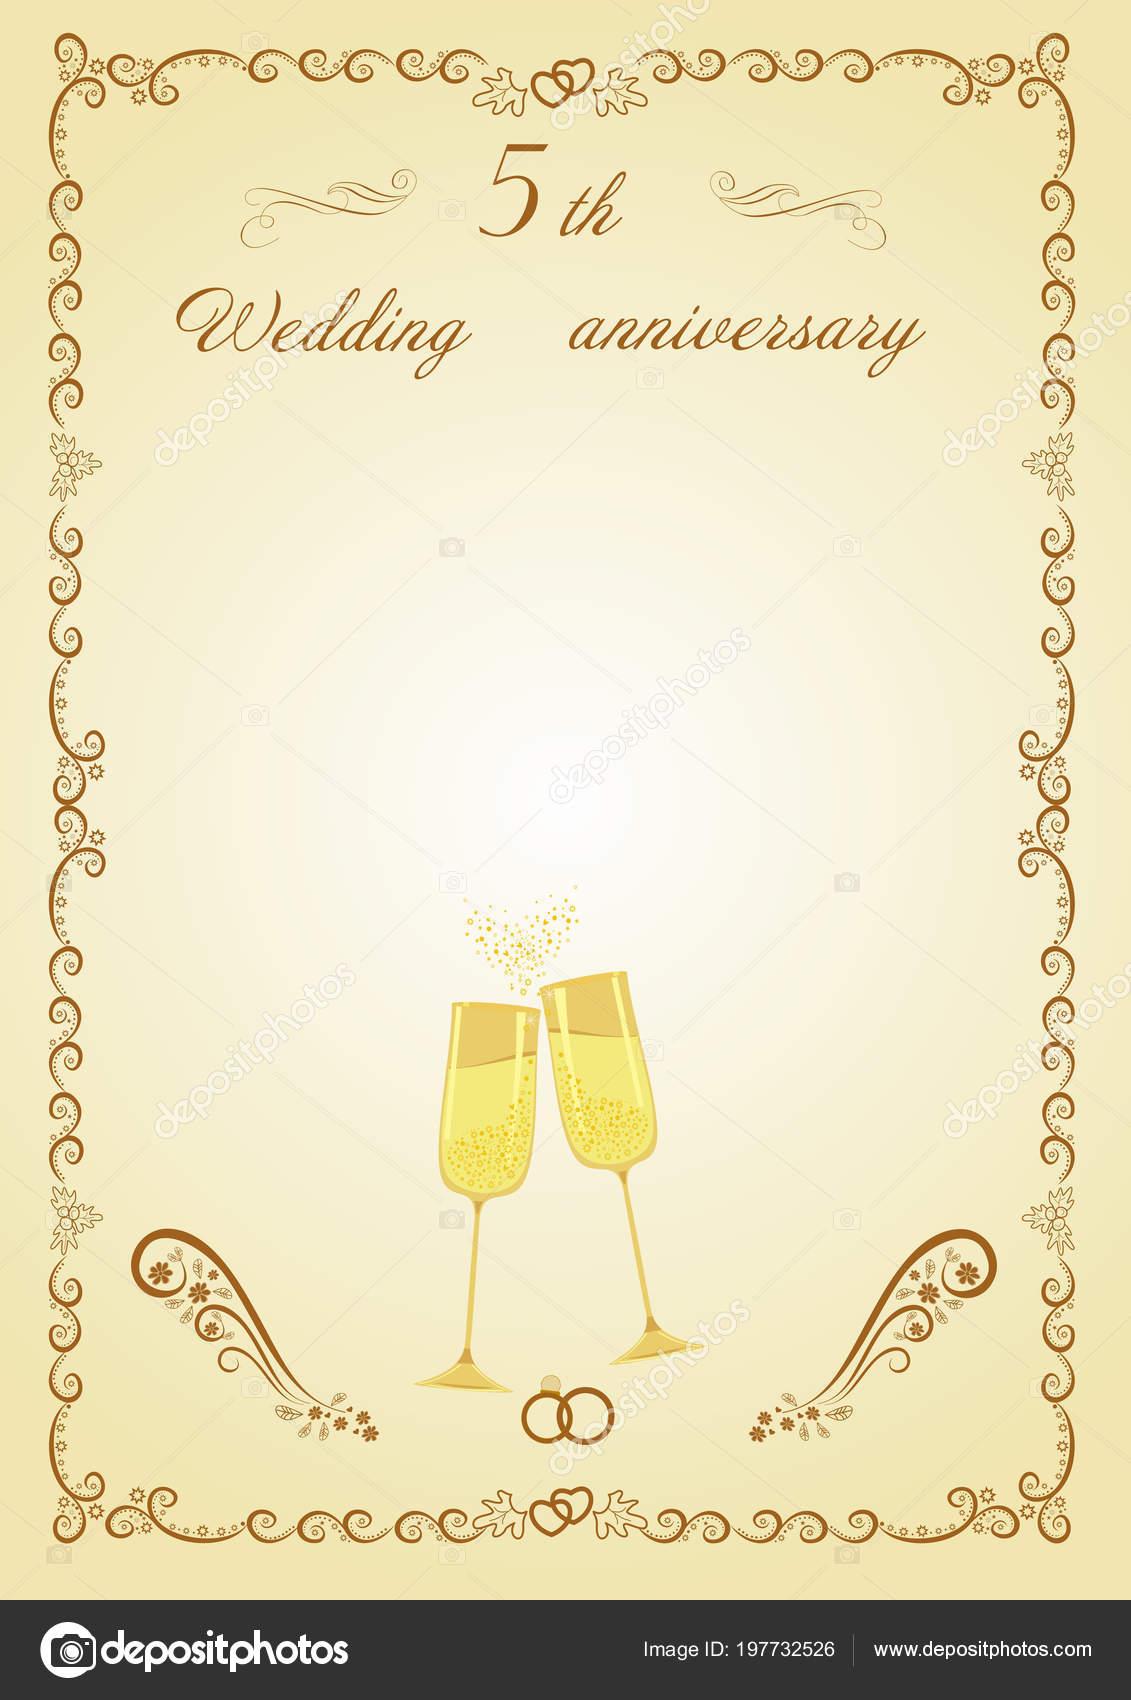 Sfondi Anniversario Di Matrimonio.Illustrazione Anniversario Matrimonio Sfondi Anniversario